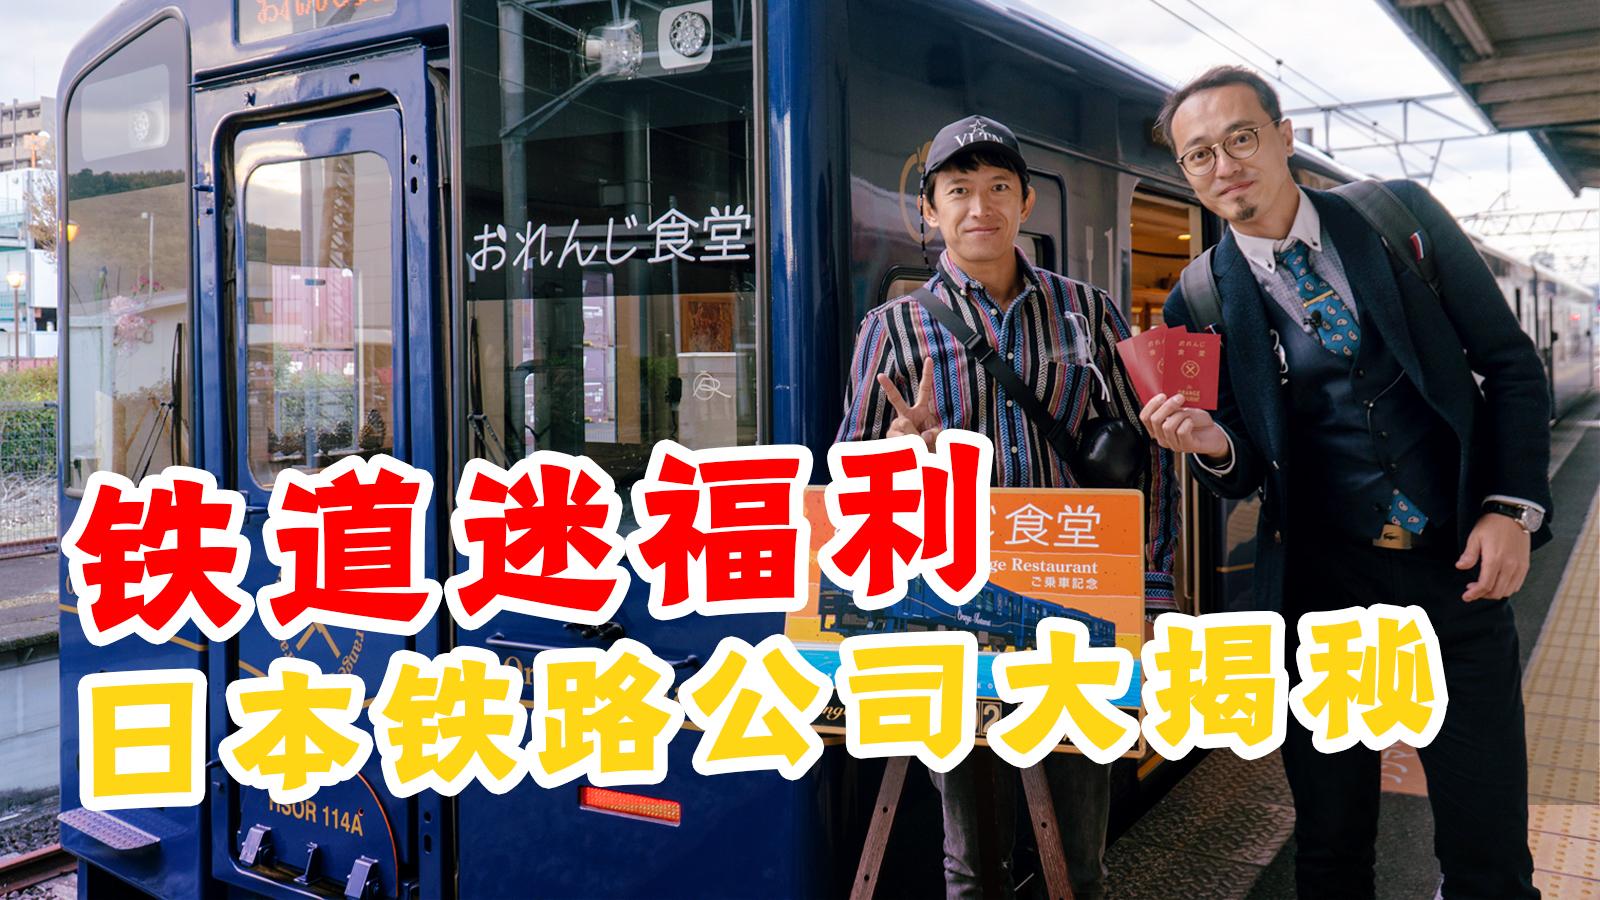 铁道迷福利,日本列车公司大揭秘